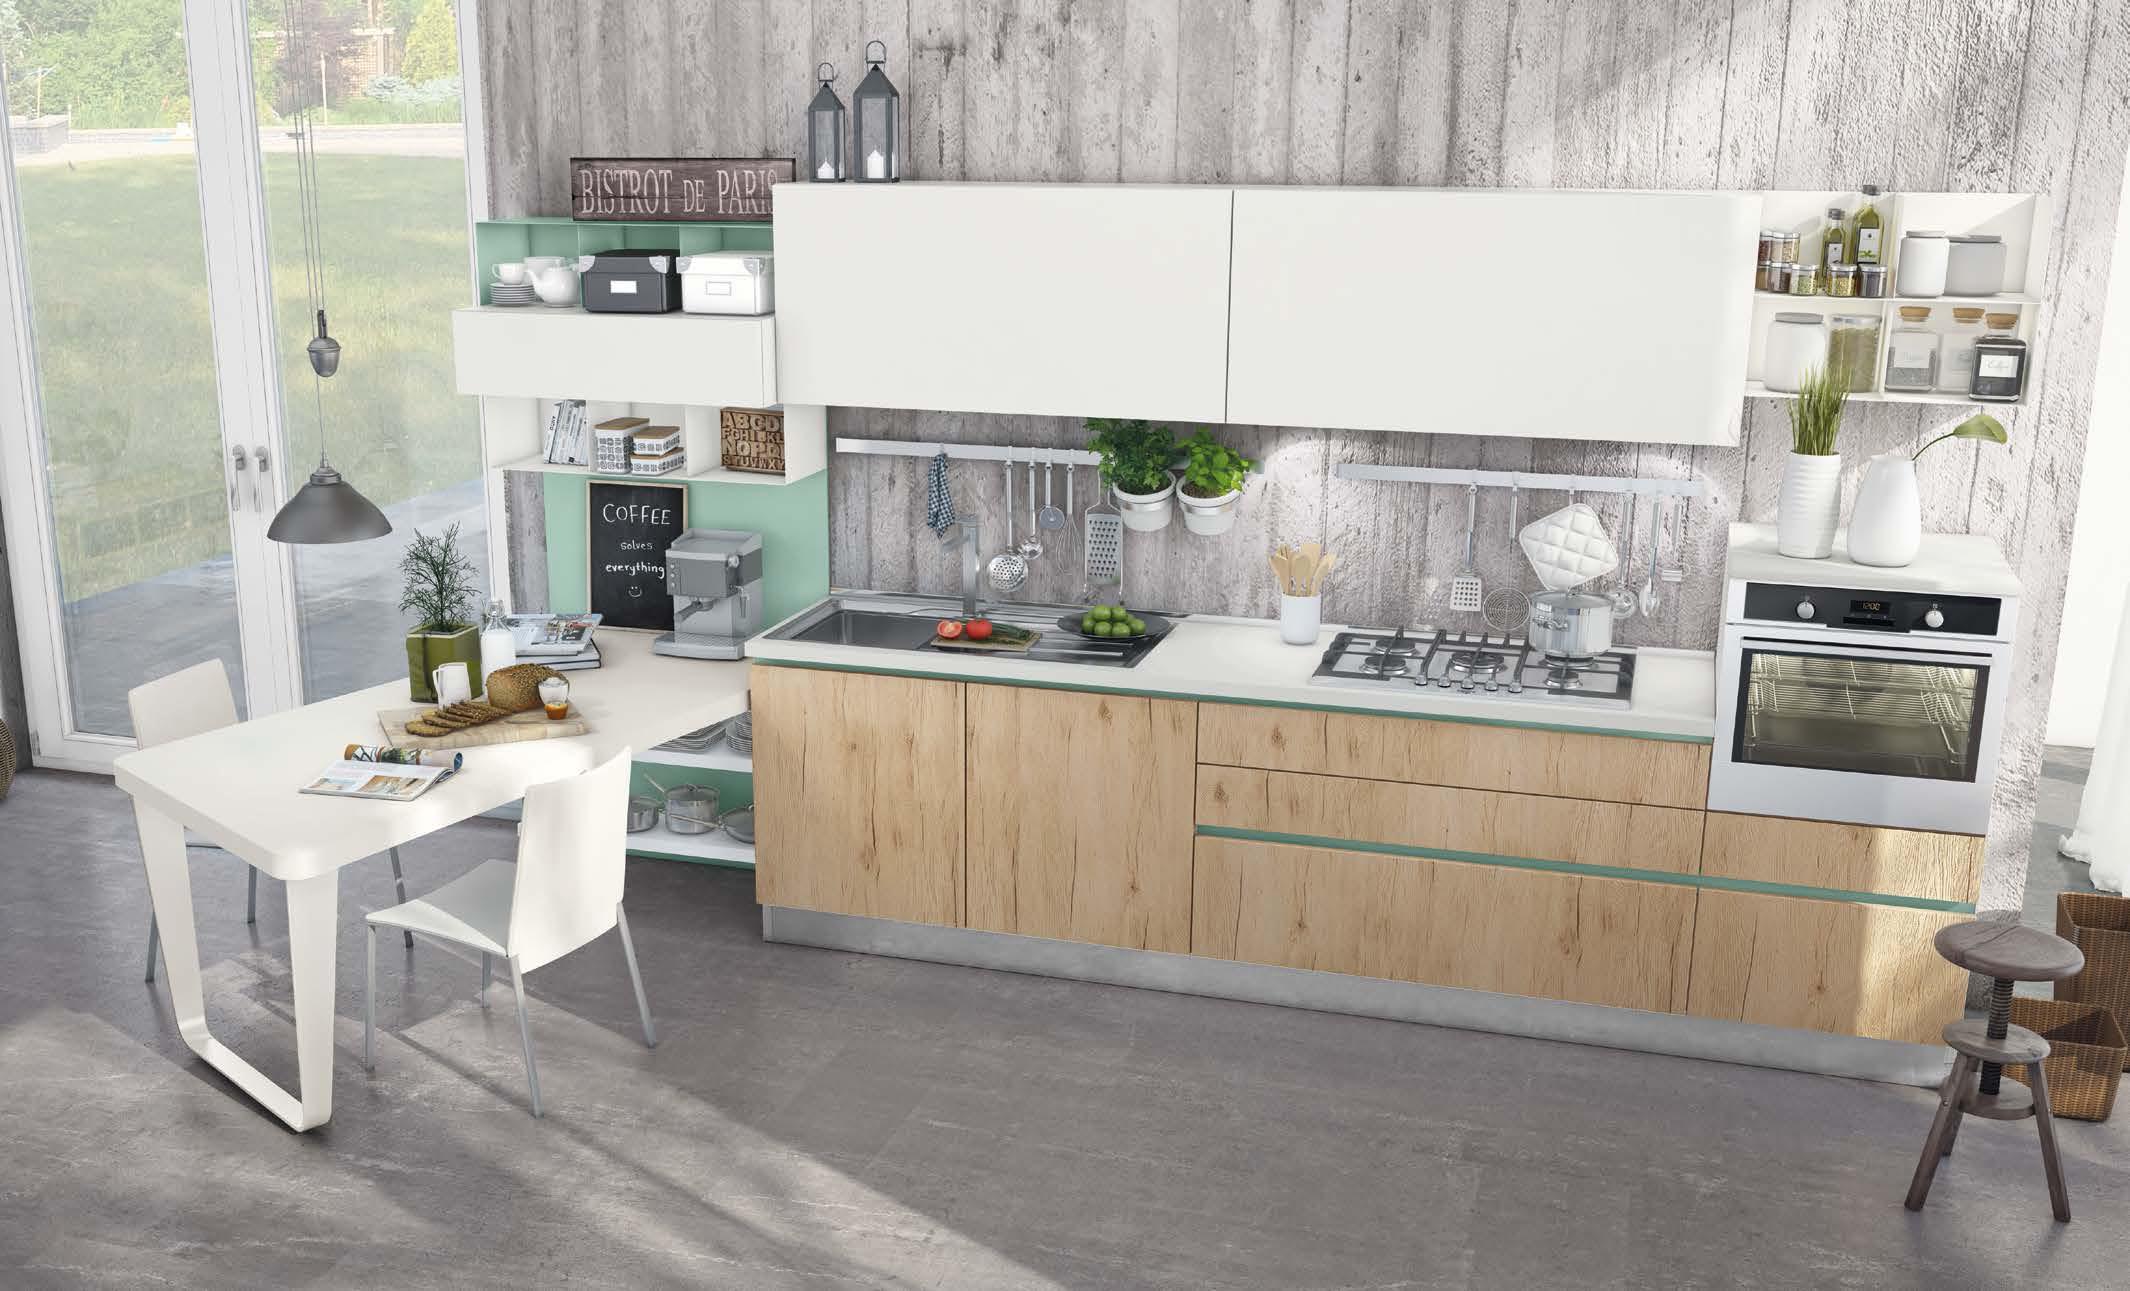 lo spazio in cucina sembra non bastare mai per questo importante saper gestire al meglio ogni centimetro a disposizione soprattutto negli ambiente